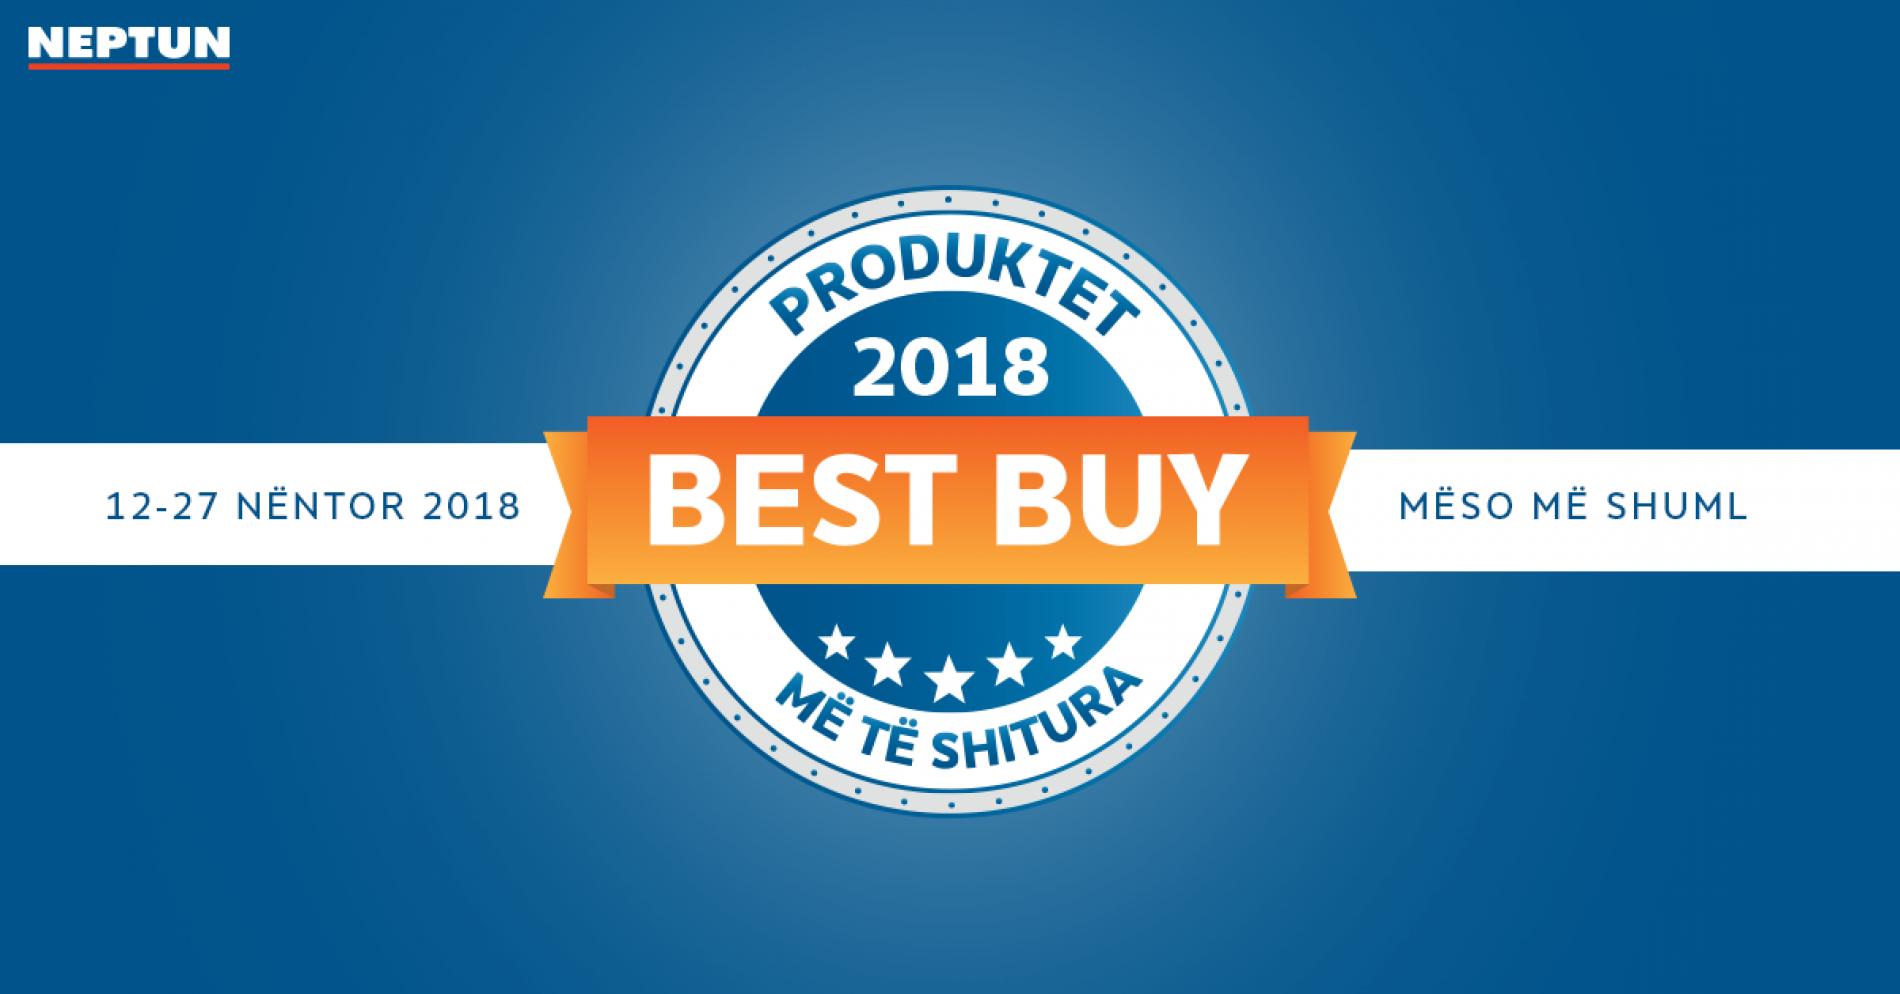 Best Buy aksion në Neptun! Produktet më të shitura për vitin 2018 tani me super çmime dhe lirime të mëdha!